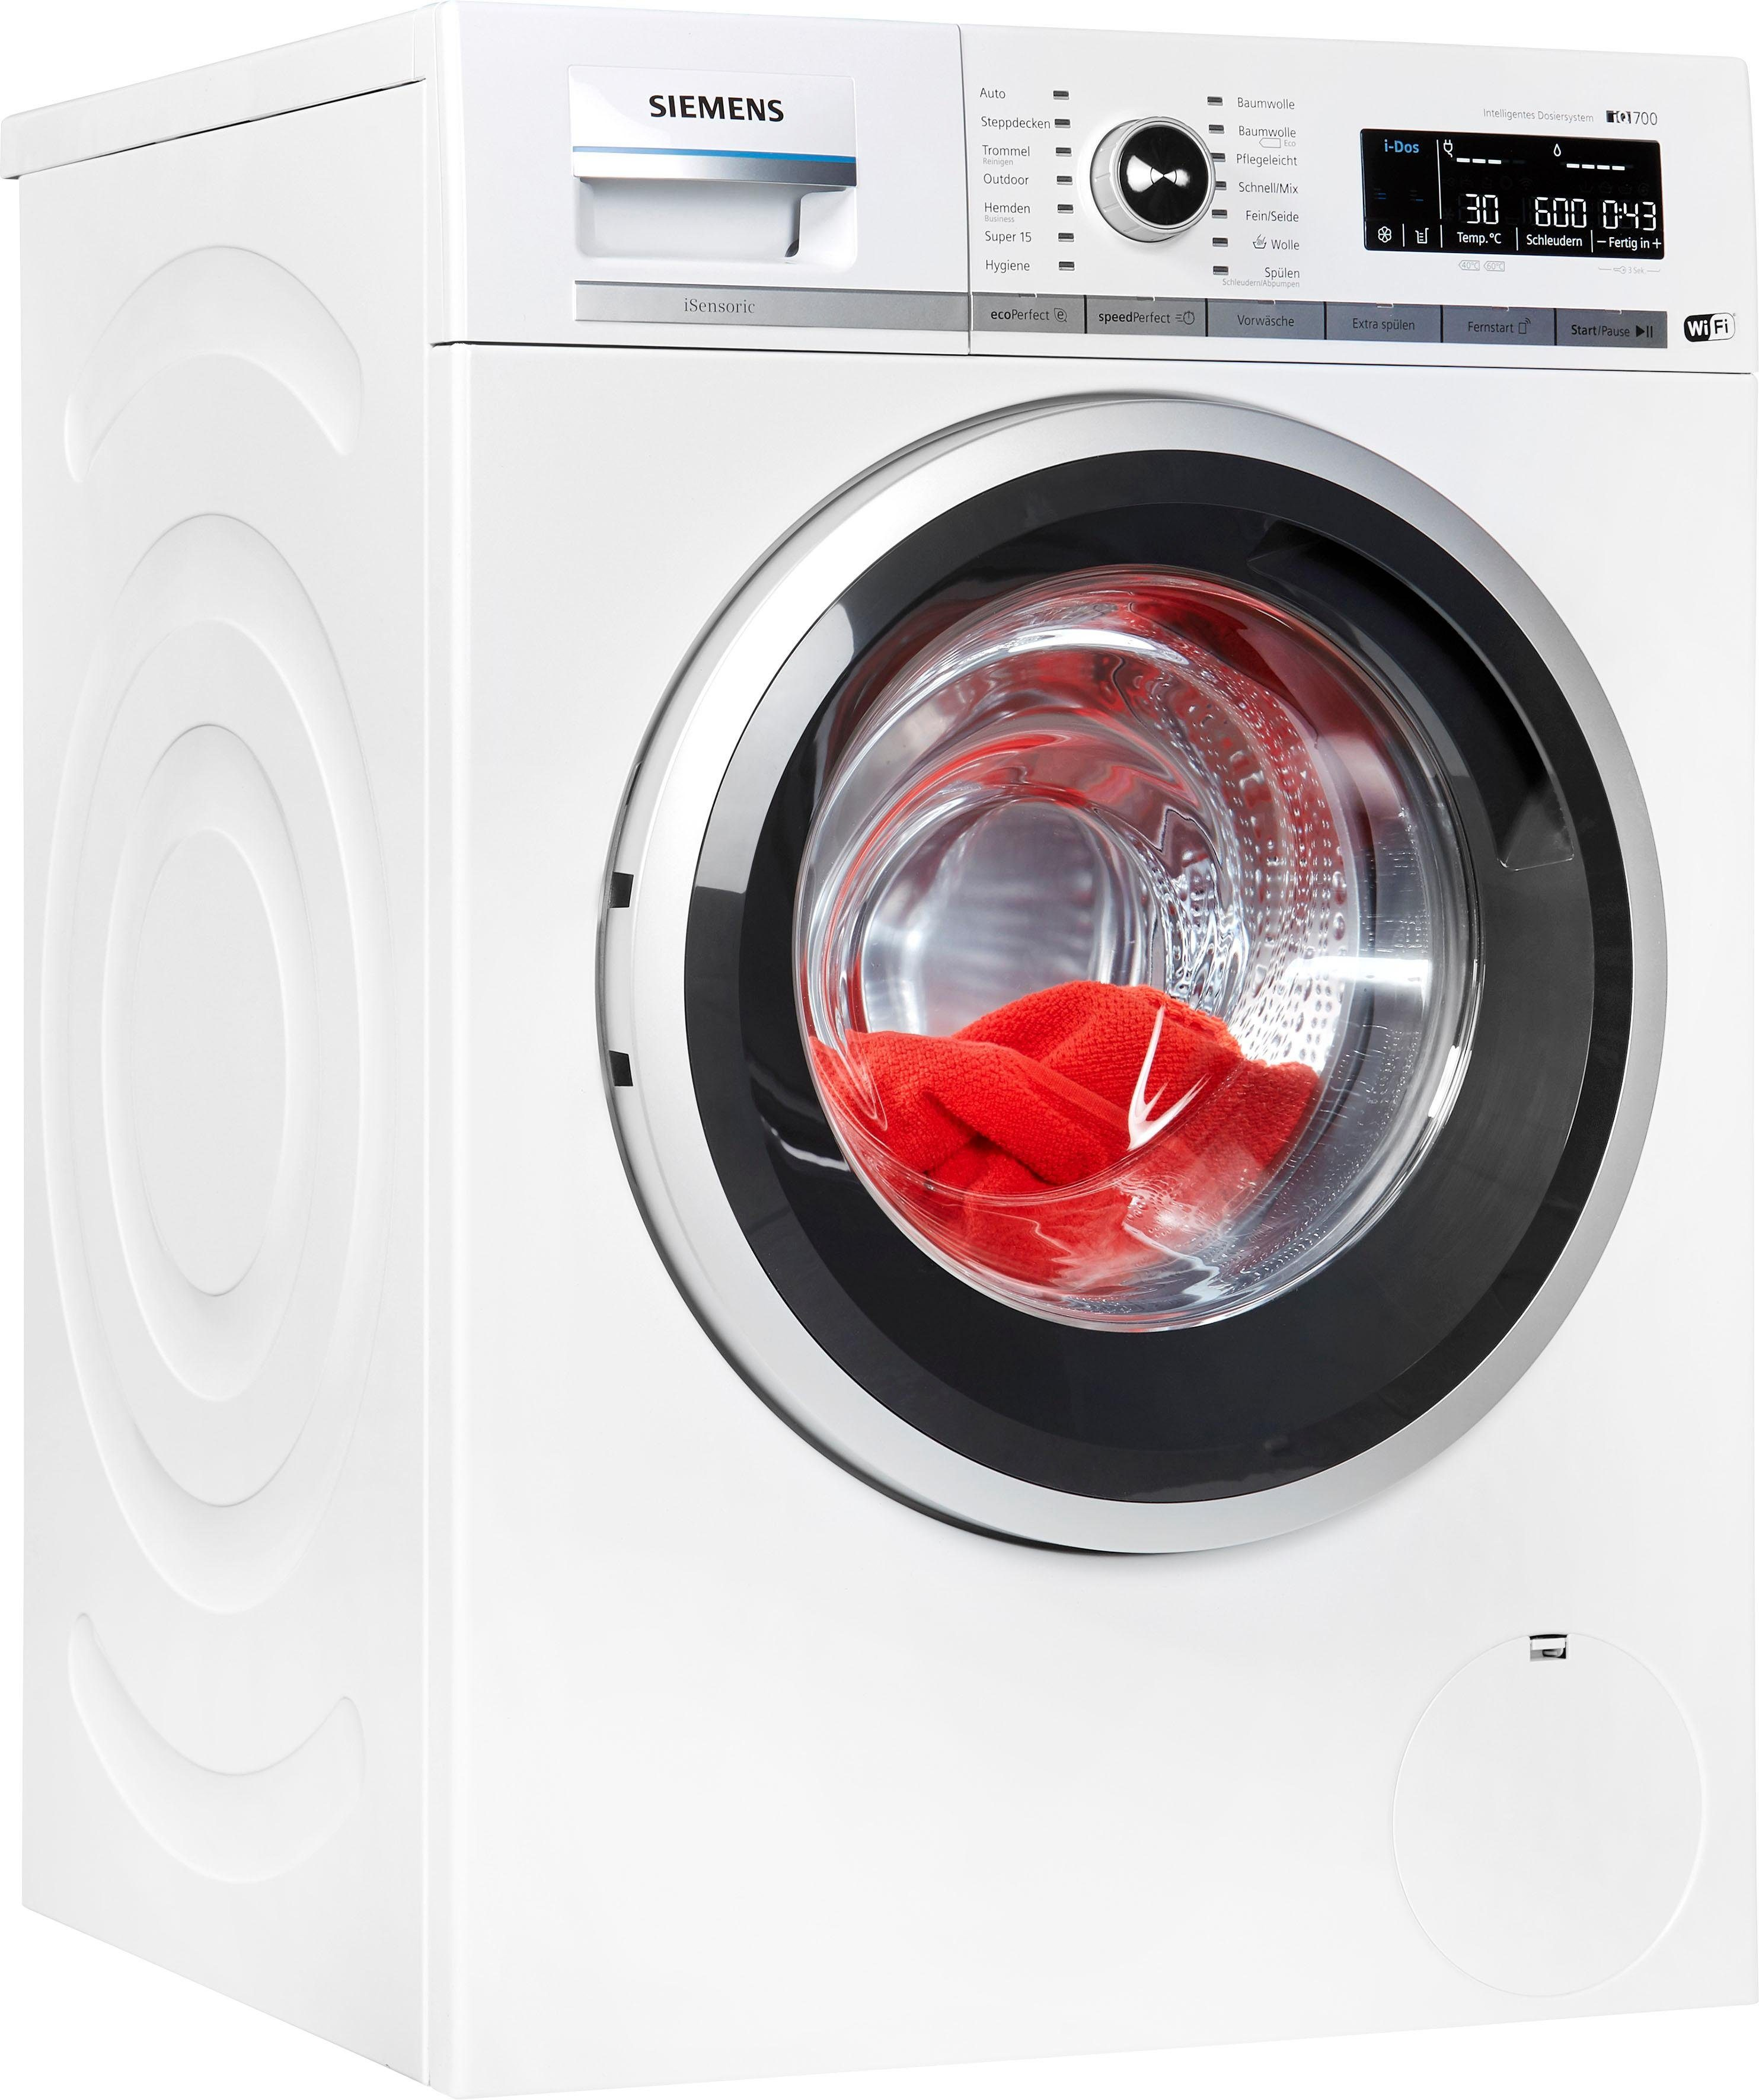 SIEMENS Waschmaschine iQ700 WM4WH640, 8 kg, 1400 U/Min